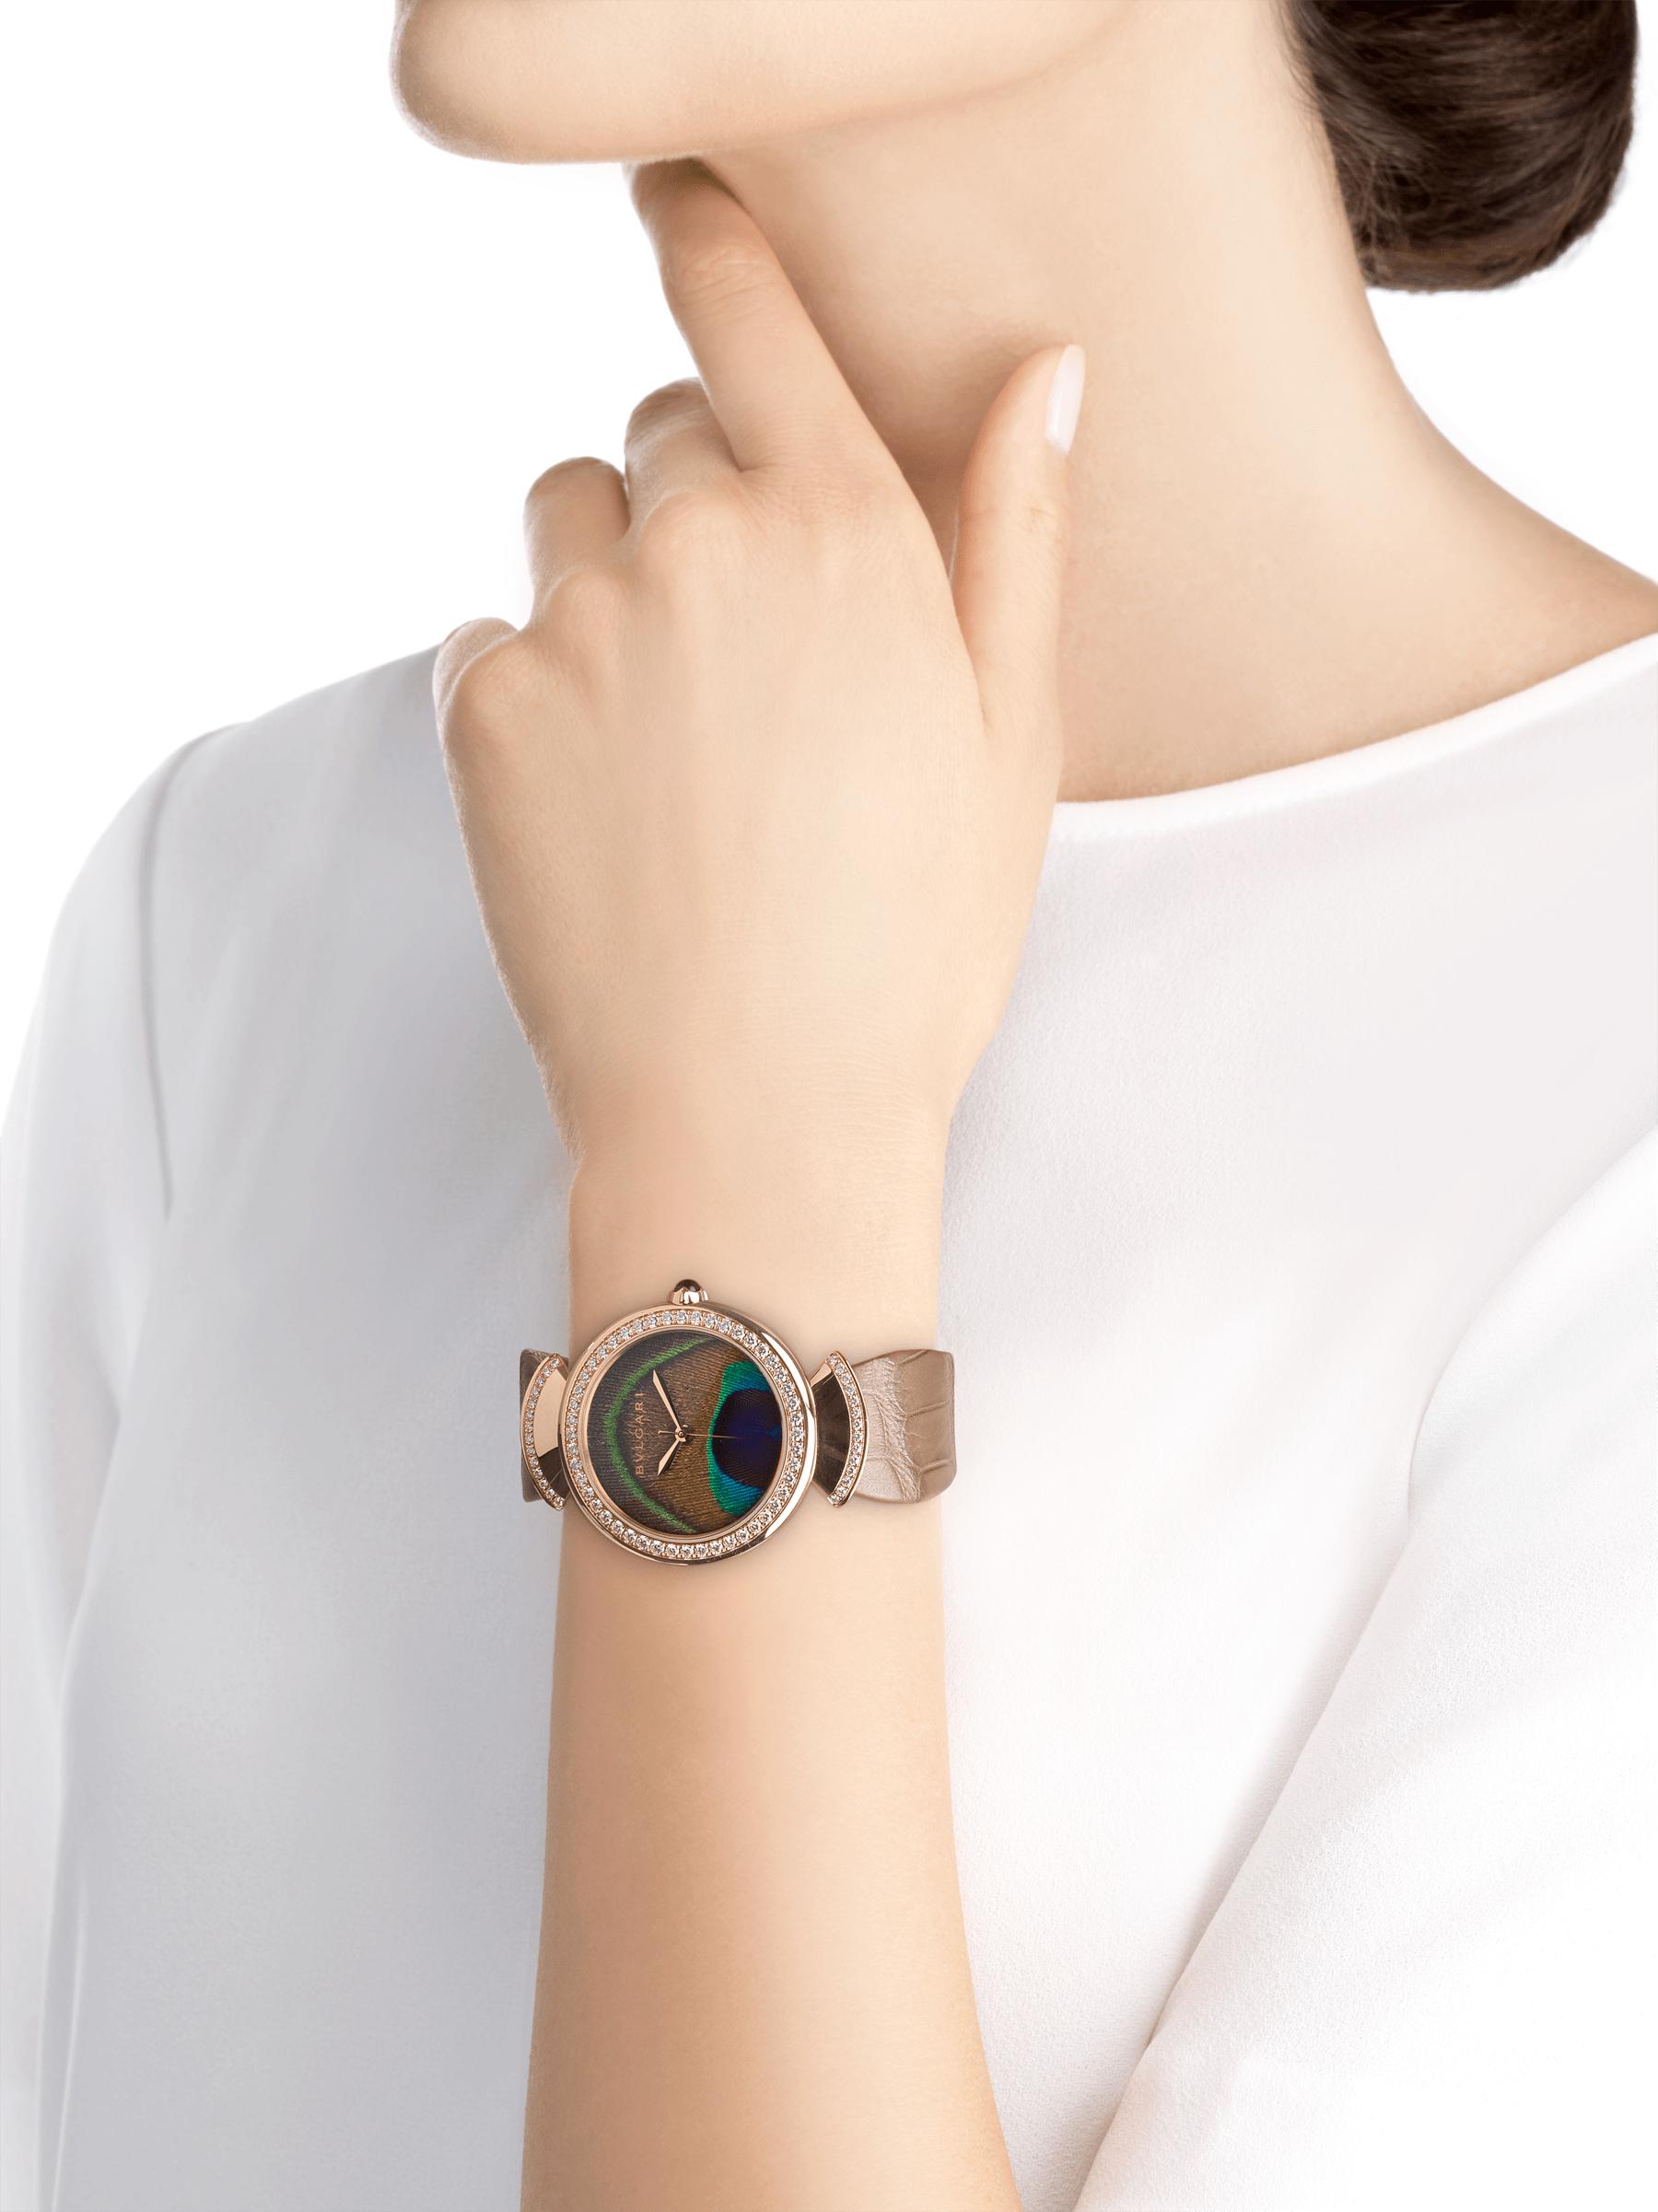 Часы DIVAS' DREAM, мануфактурный механизм с автоматическим заводом, корпус из розового золота 18 карат, безель и крепления в форме веера из розового золота 18 карат с бриллиантами классической огранки, циферблат с настоящим пером павлина, ремешок из блестящей кожи аллигатора бежевого цвета 103139 image 5